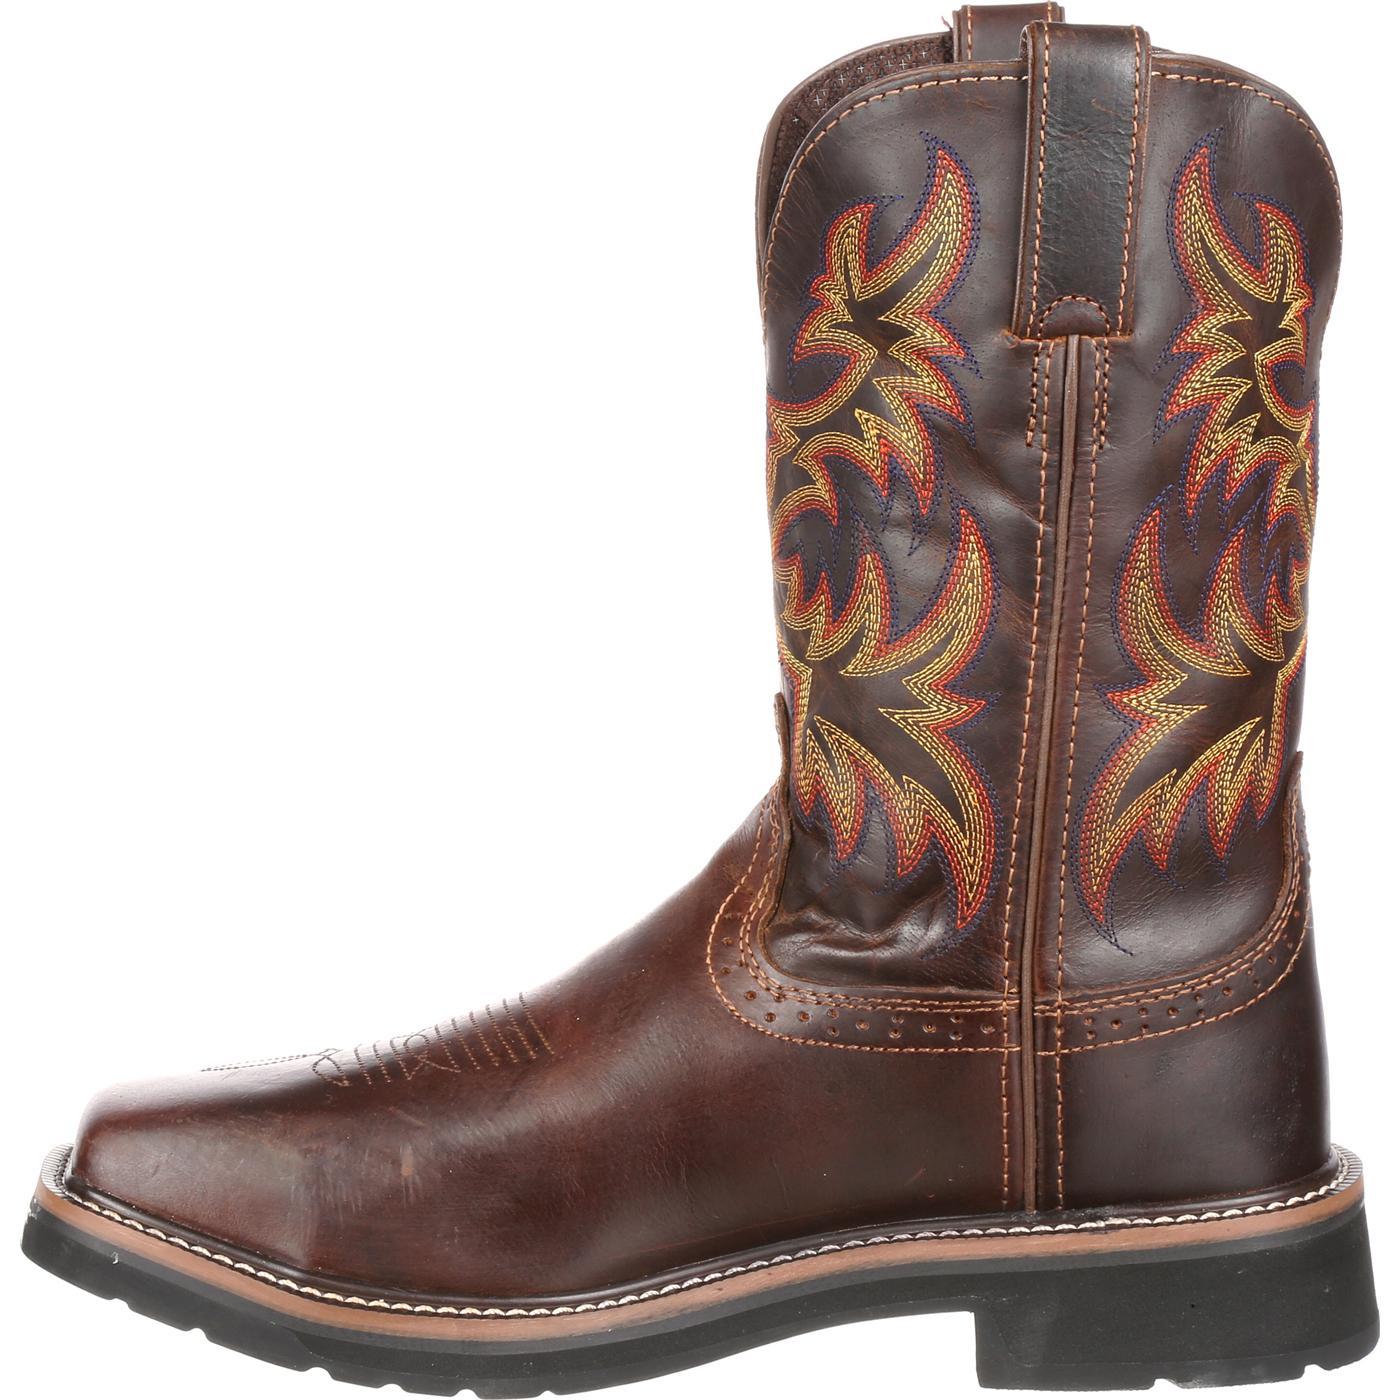 Dansko Shoes Albuquerque